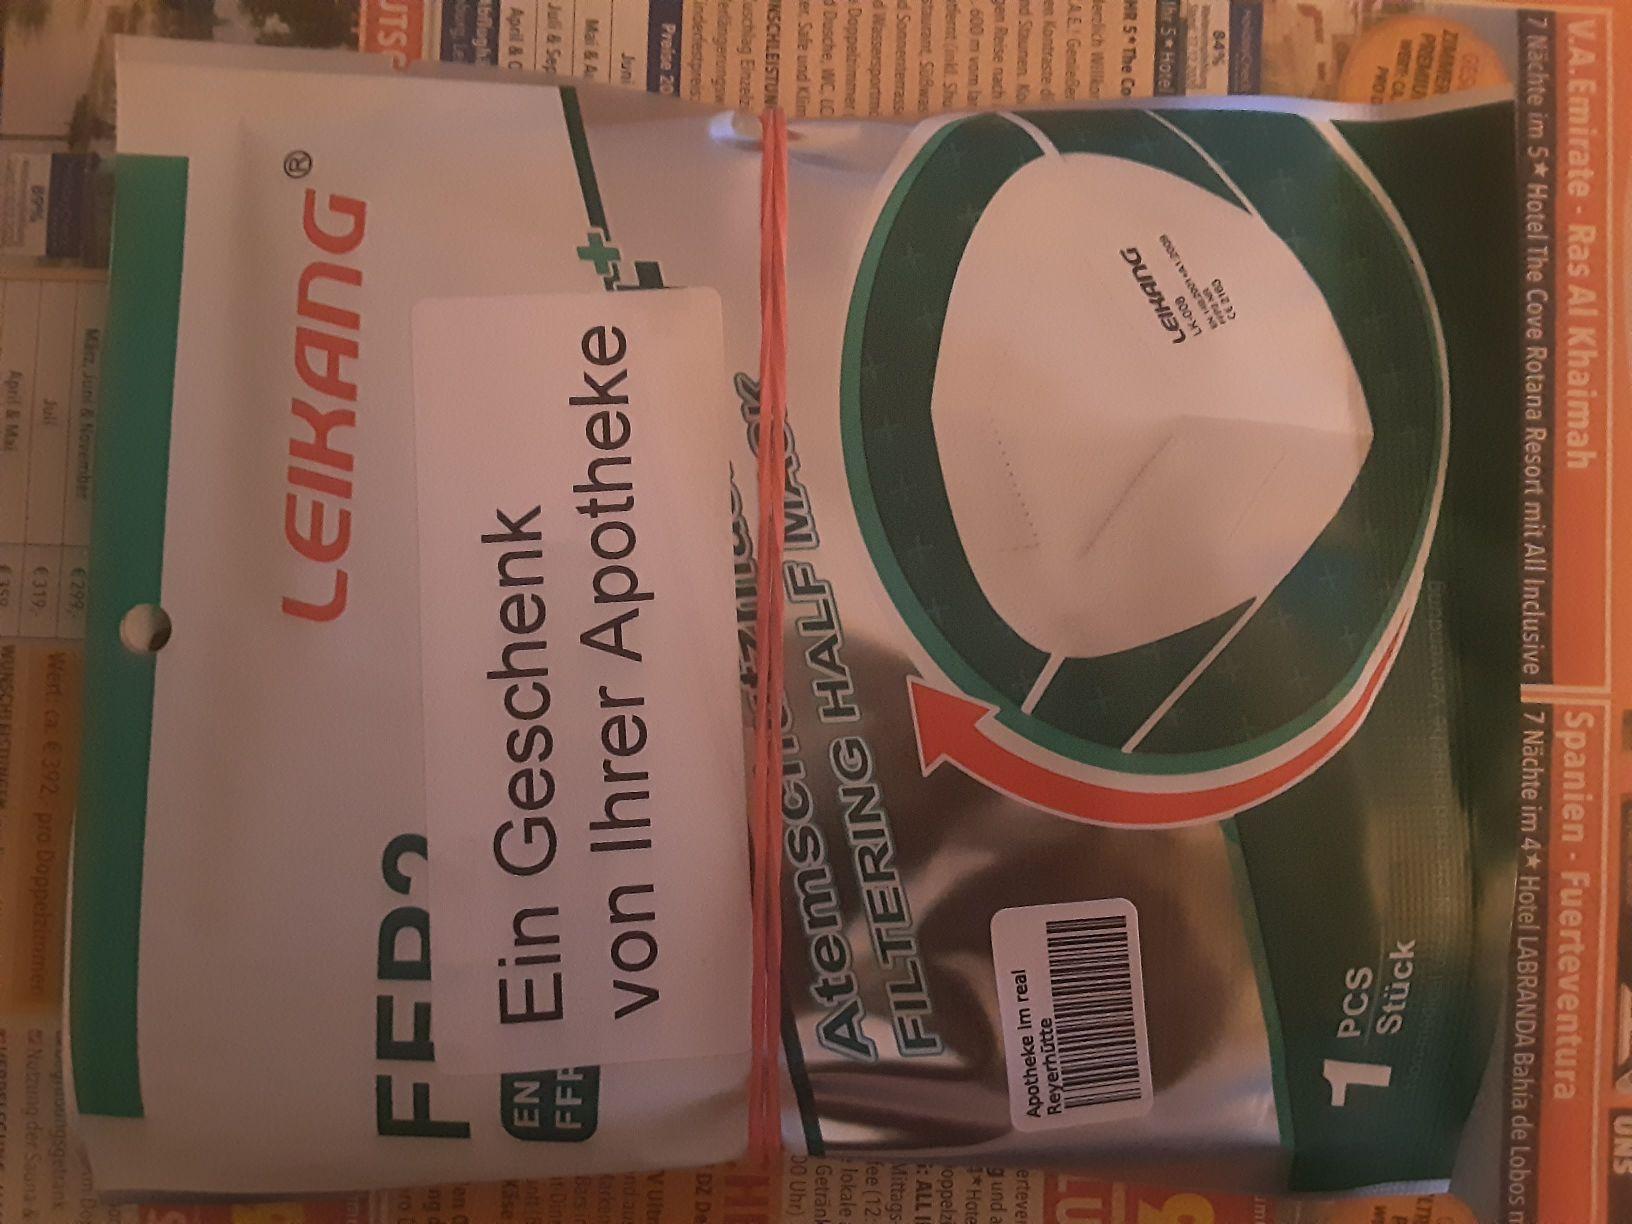 3 kostenlose FFP2 Masken beim einlösen der Gutscheine bei DocMorris (Lokal Mönchengladbach?)